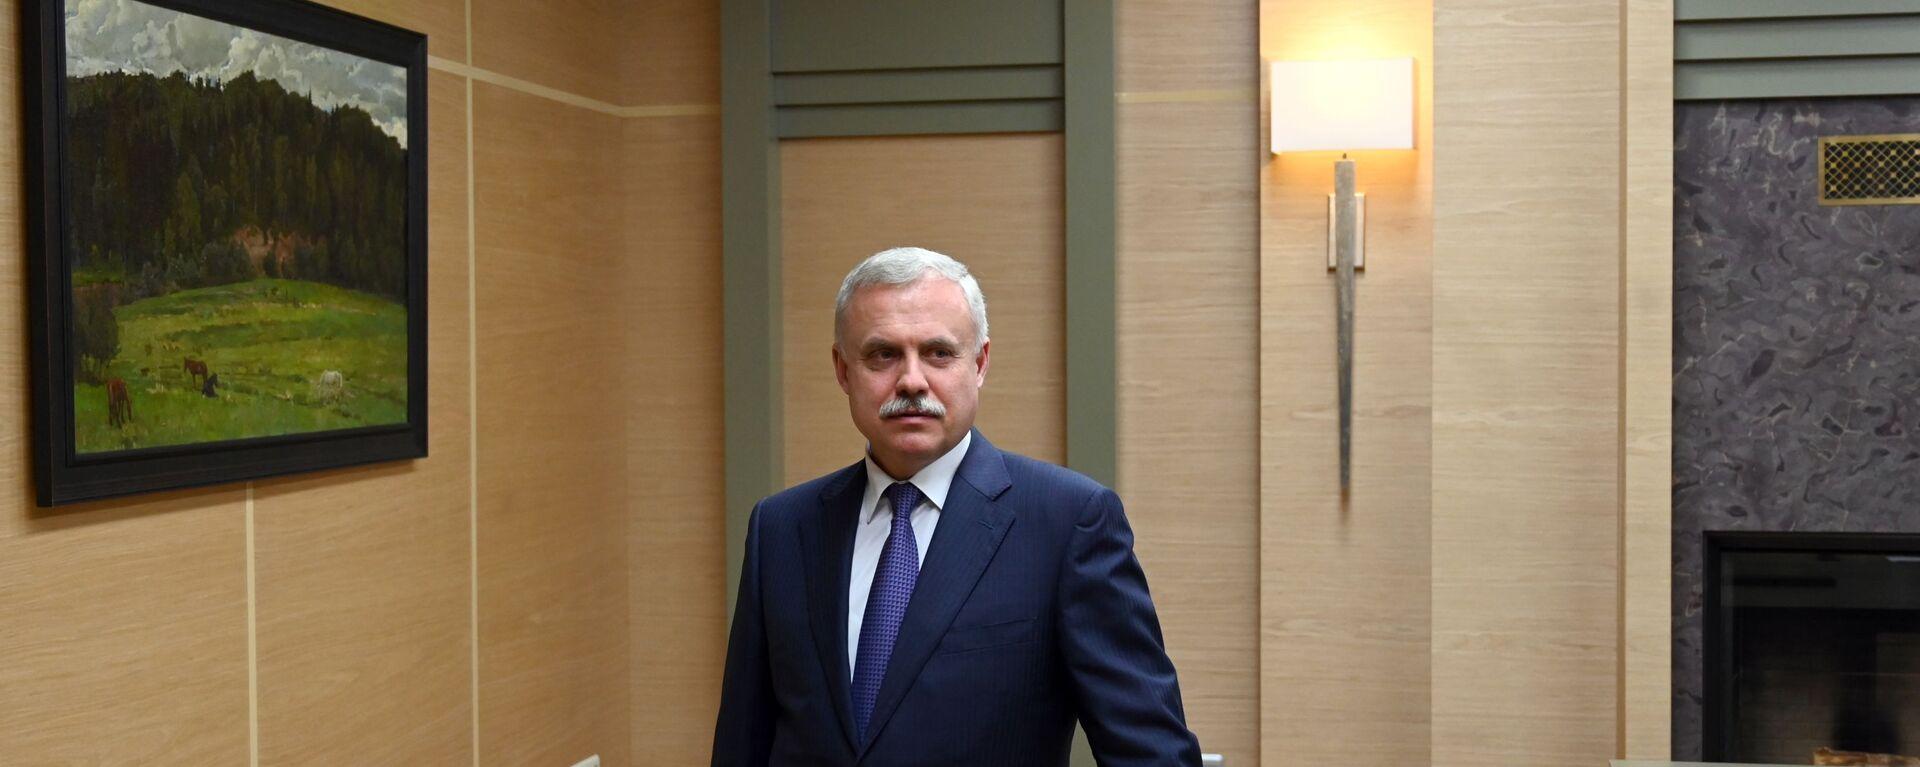 Генеральный секретарь Организации Договора о коллективной безопасности (ОДКБ) Станислав Зась - Sputnik Таджикистан, 1920, 02.07.2021